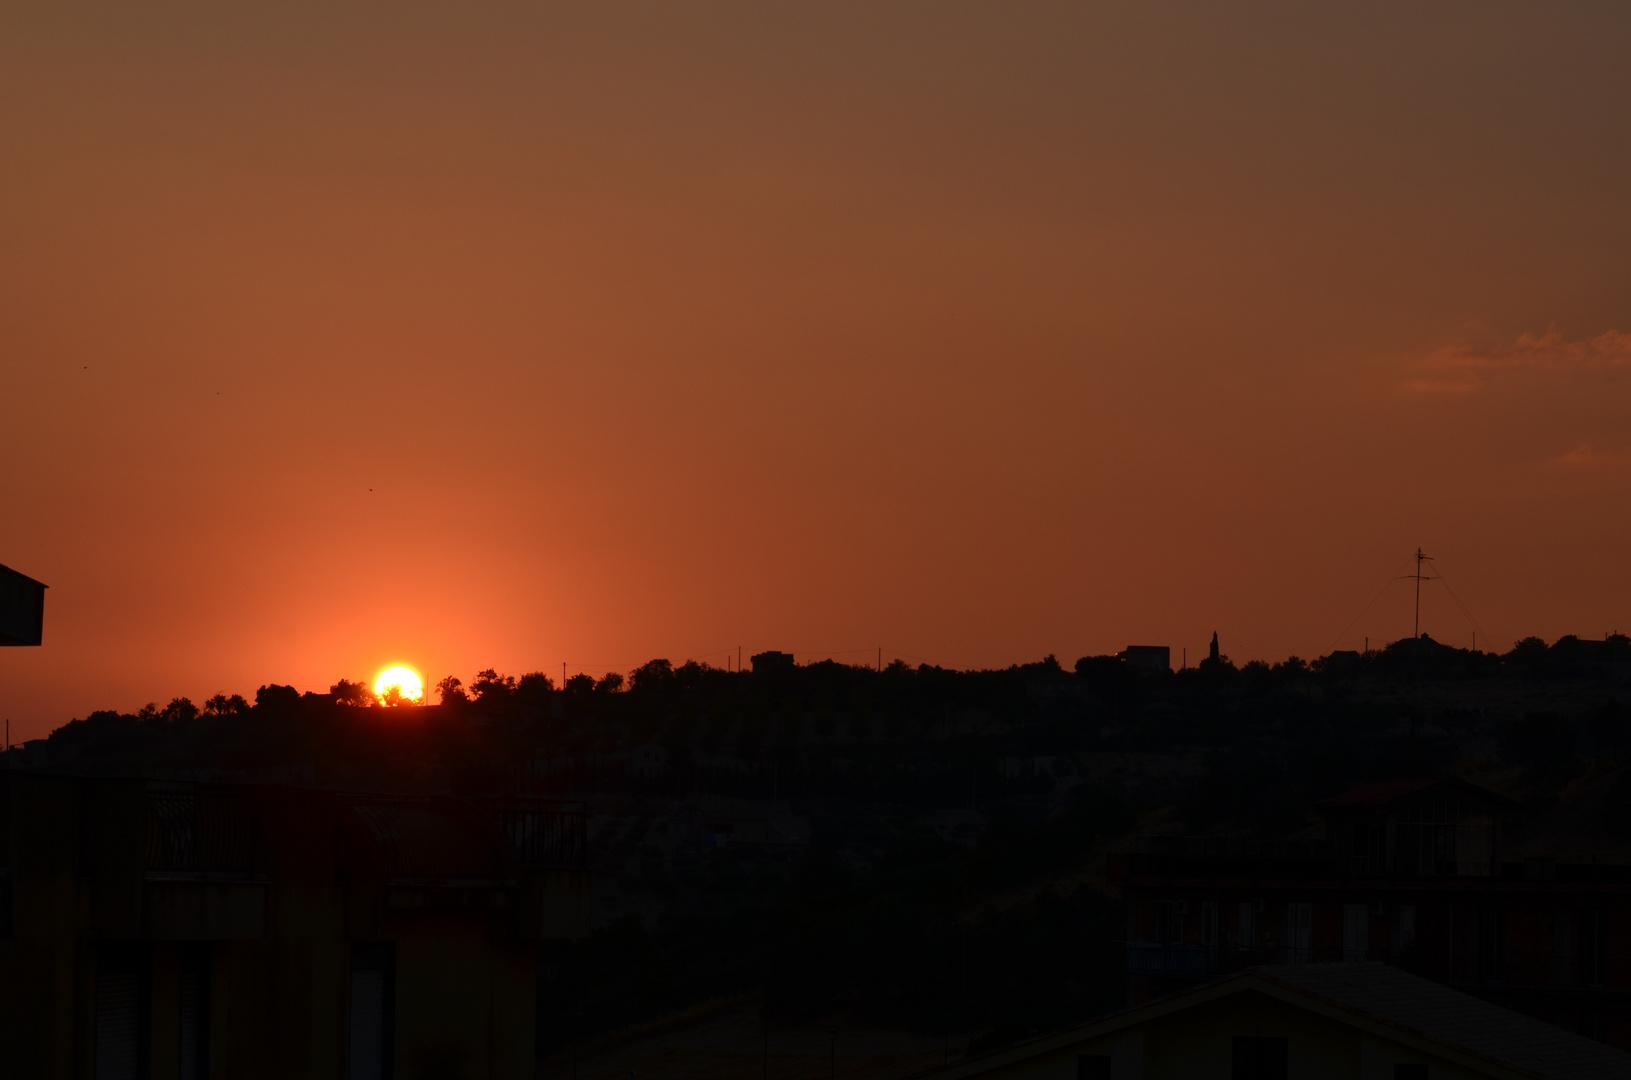 Sonnenuntergang über Grotte prov. di Agrigento